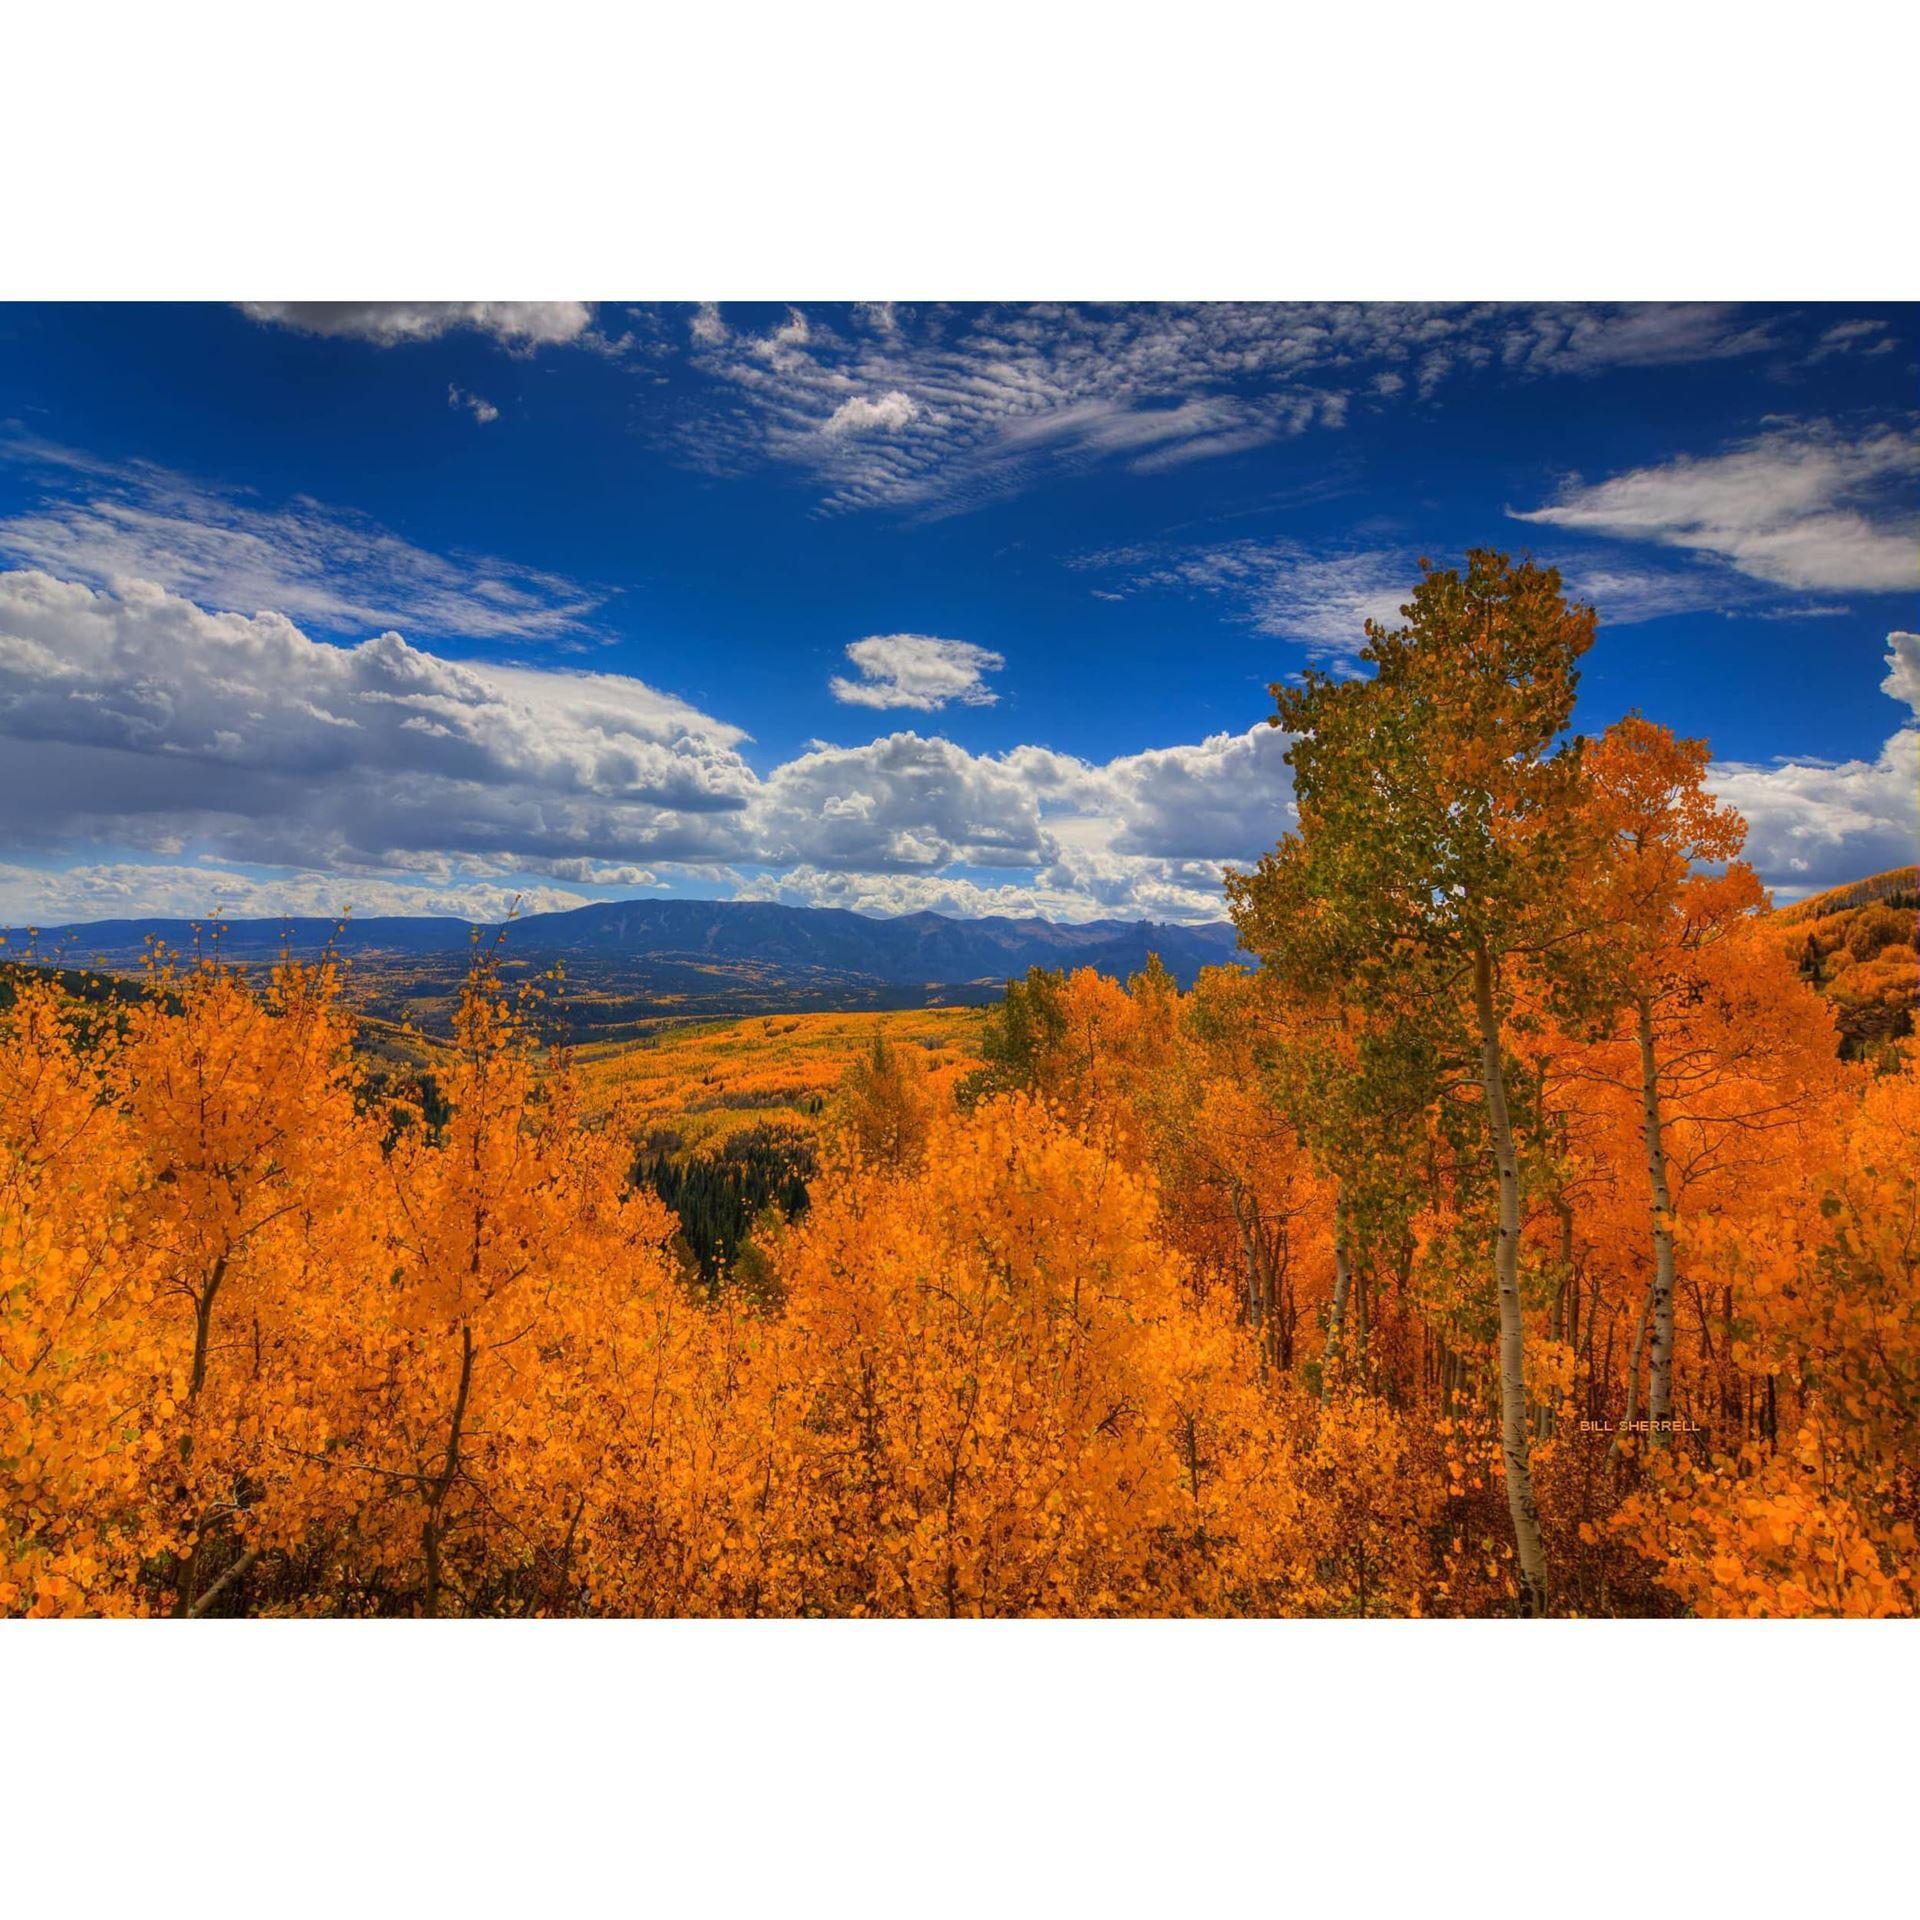 Autumn Wildfire Ohio Pass